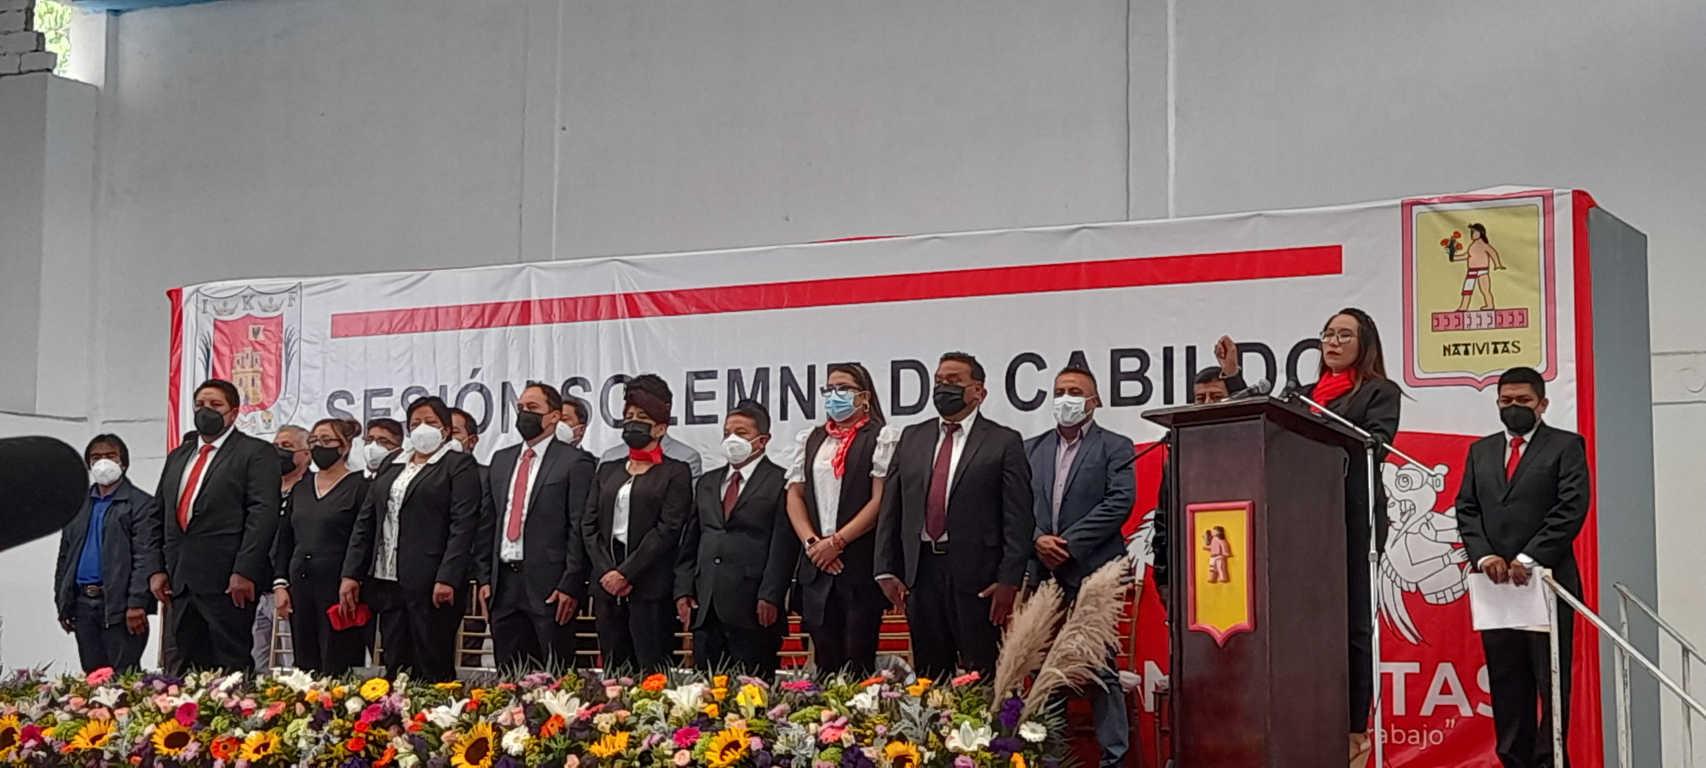 Carlos García Sampedro es el nuevo presidente de Nativitas